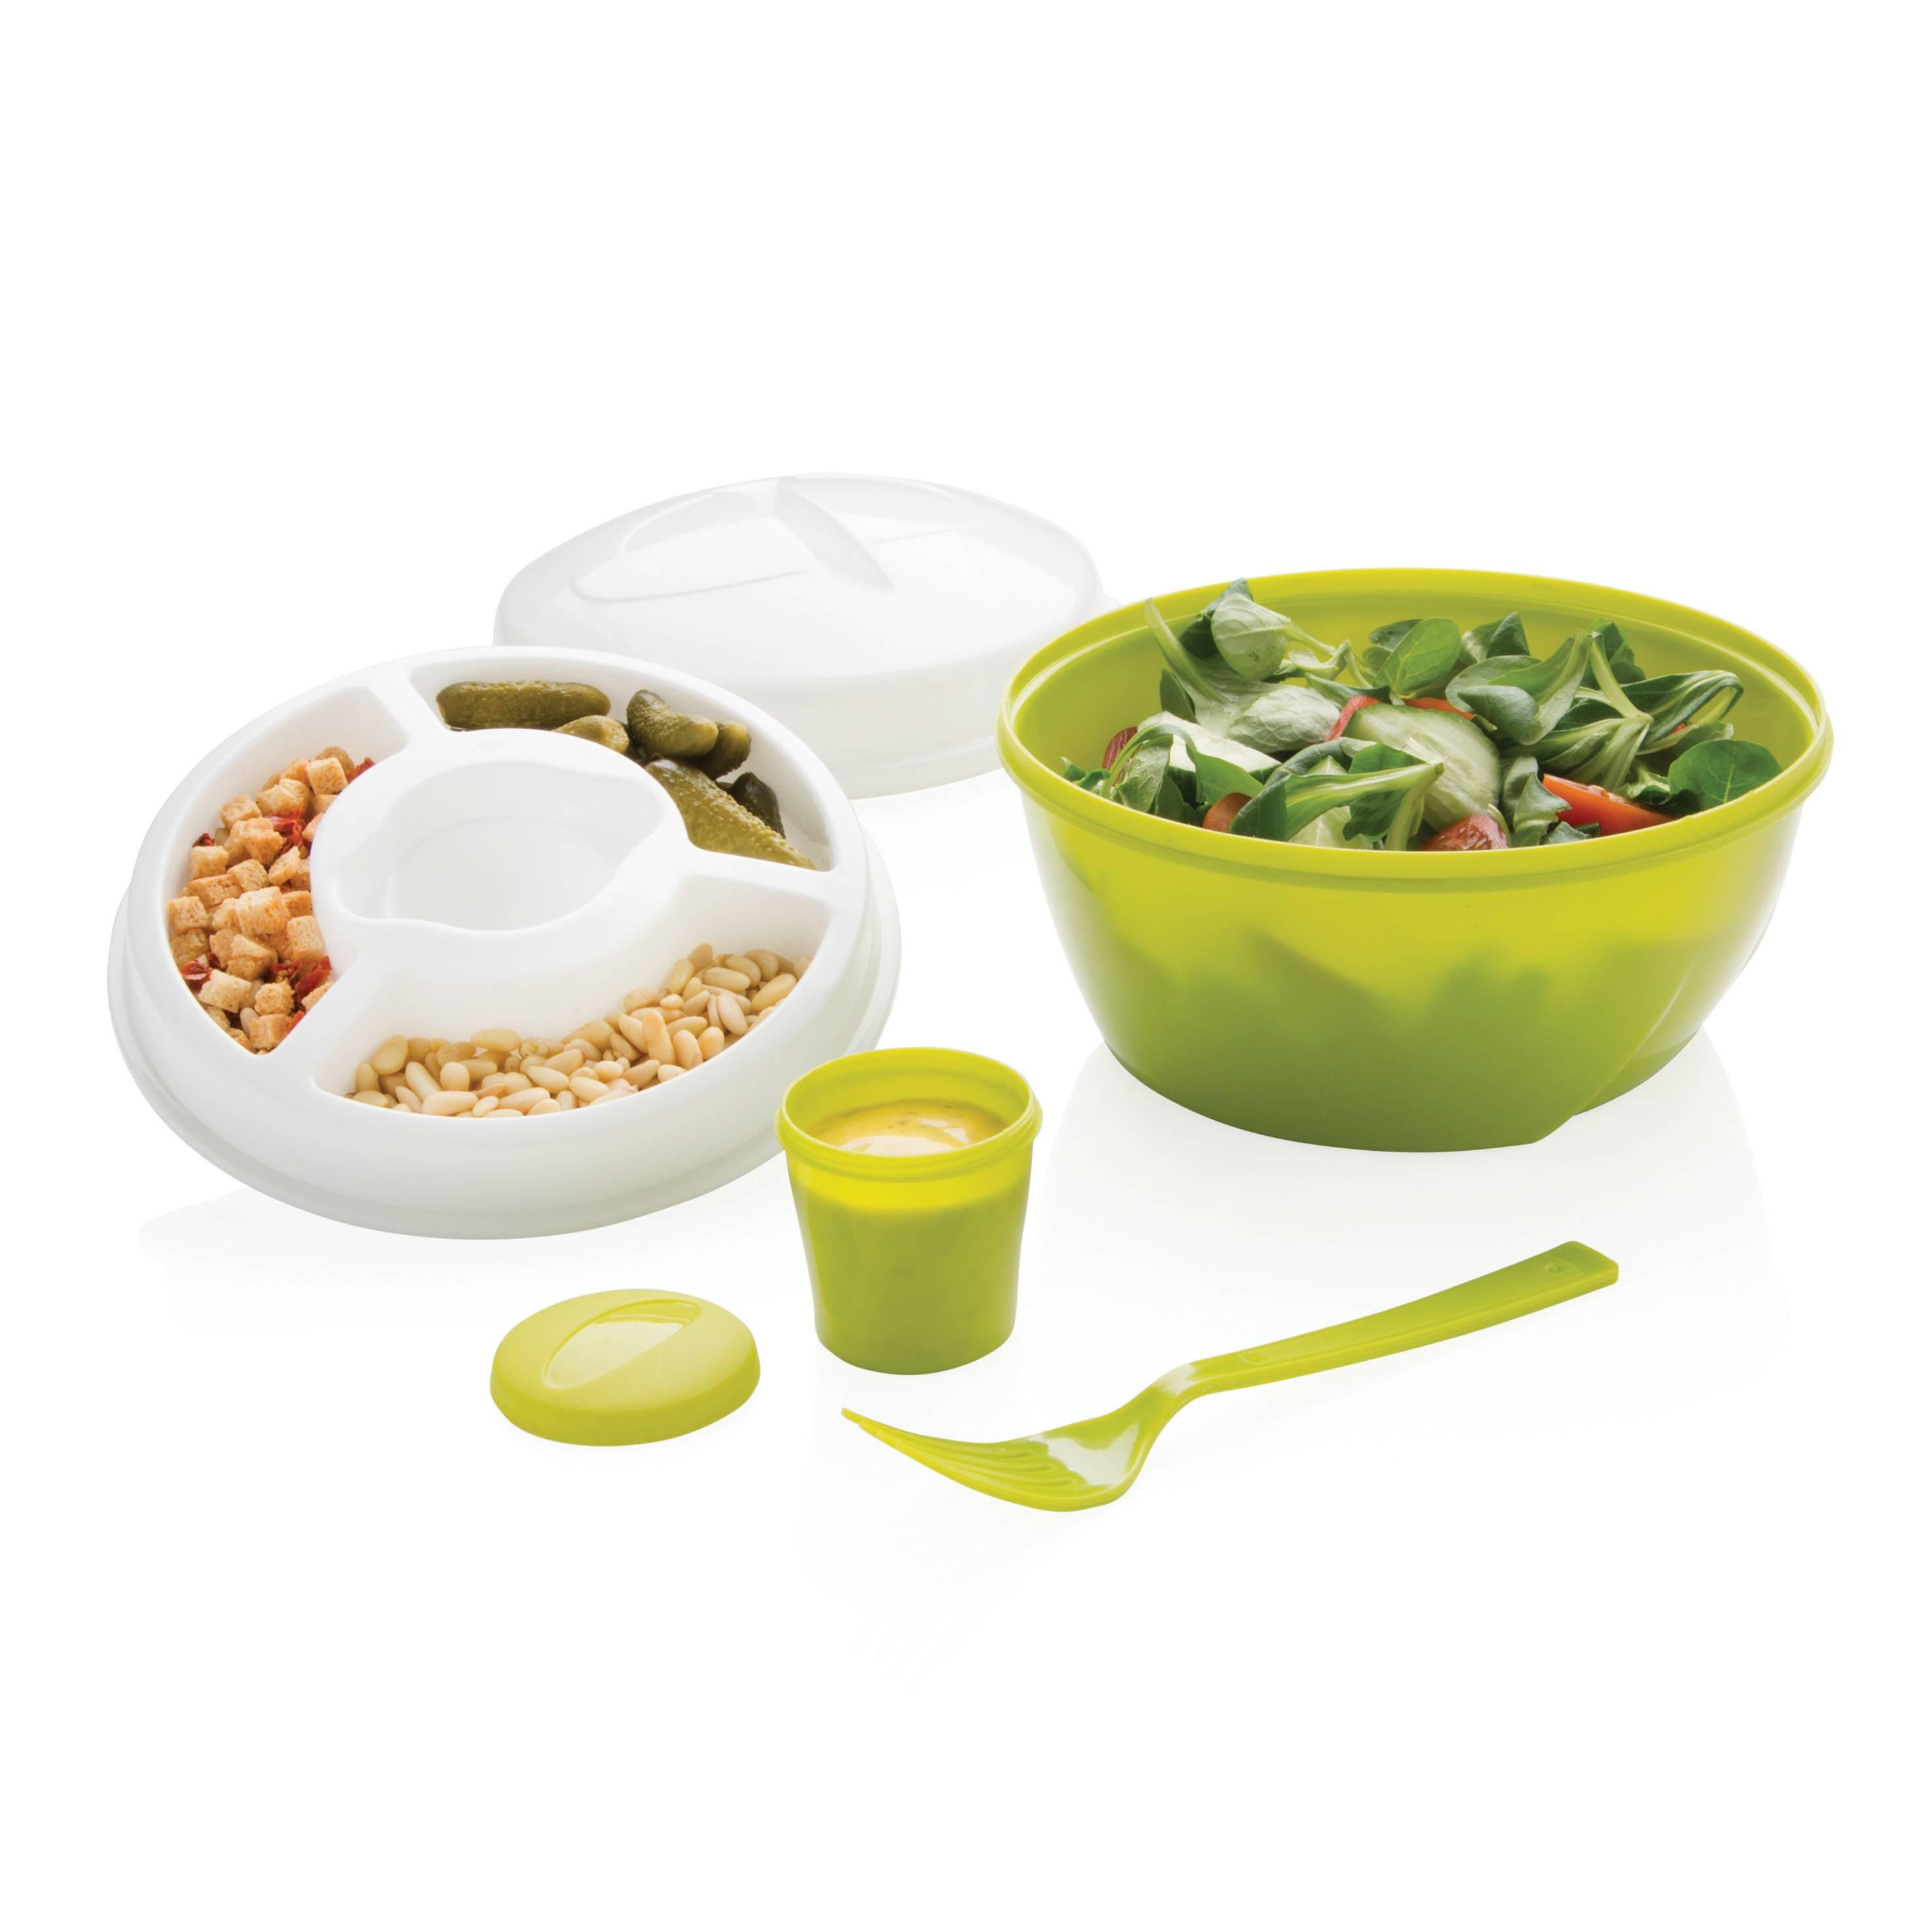 Billede af Salatskål - Salad2go box